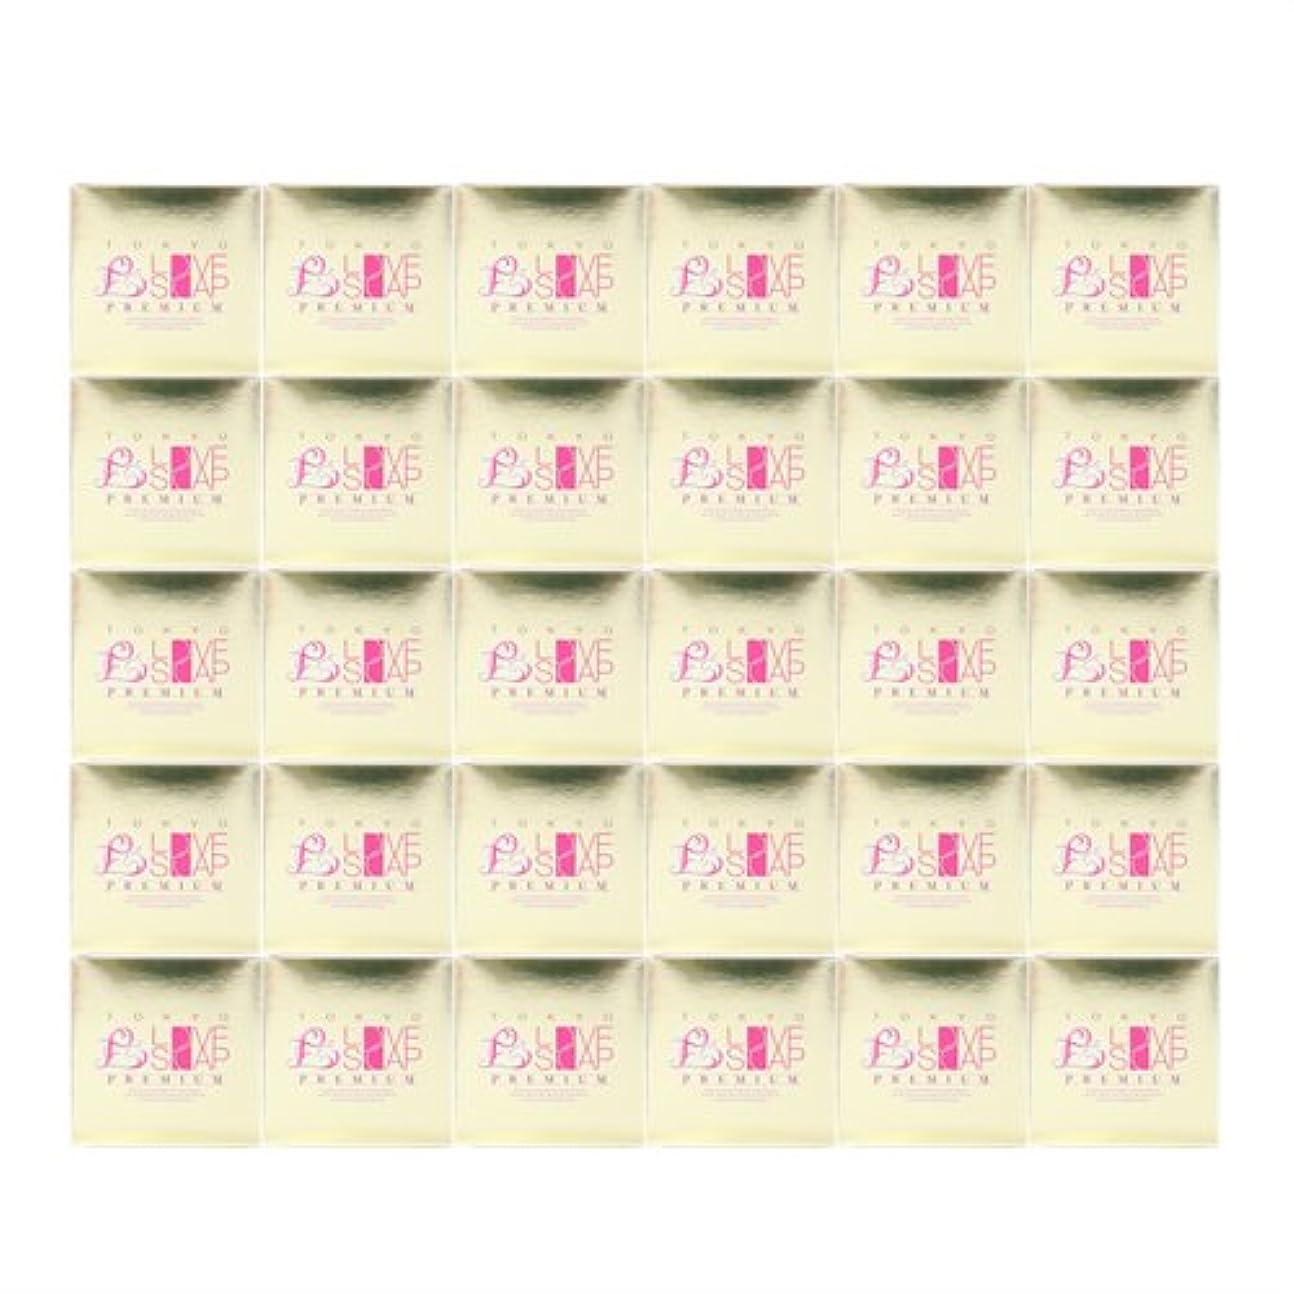 オークランド配管工石鹸東京ラブソープ プレミアム (100g) x30個 セット